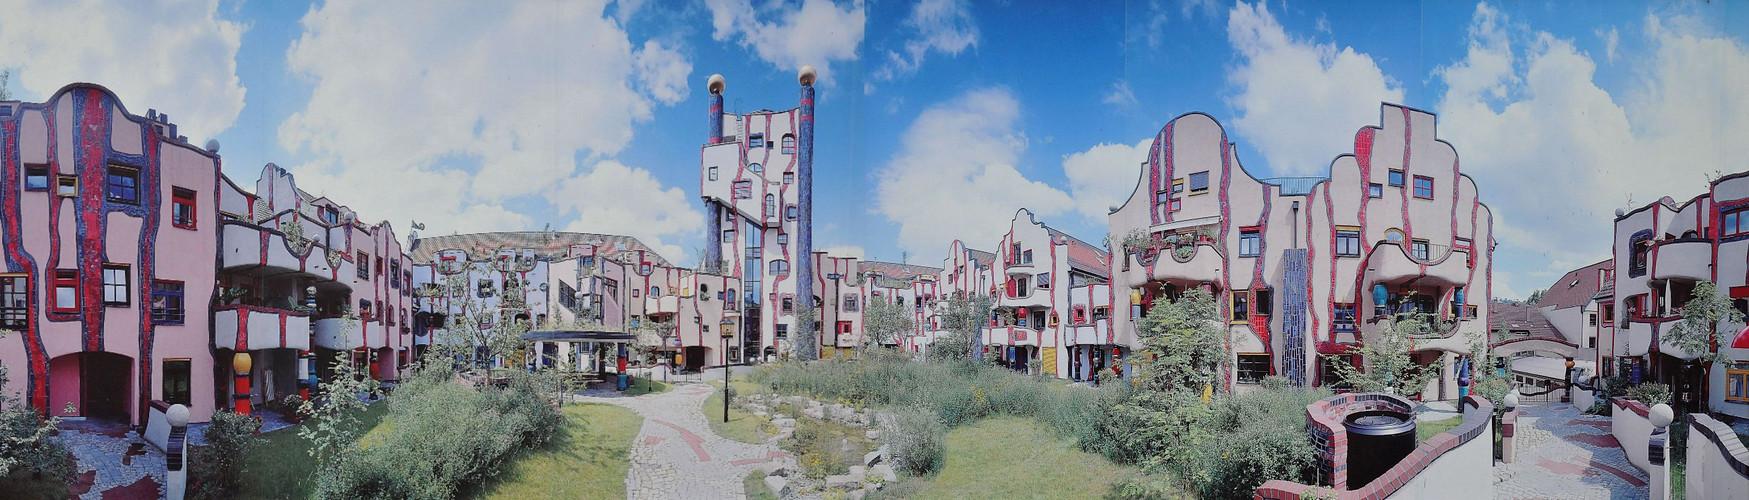 Hundertwasser-Wohnhaus-Plochingen